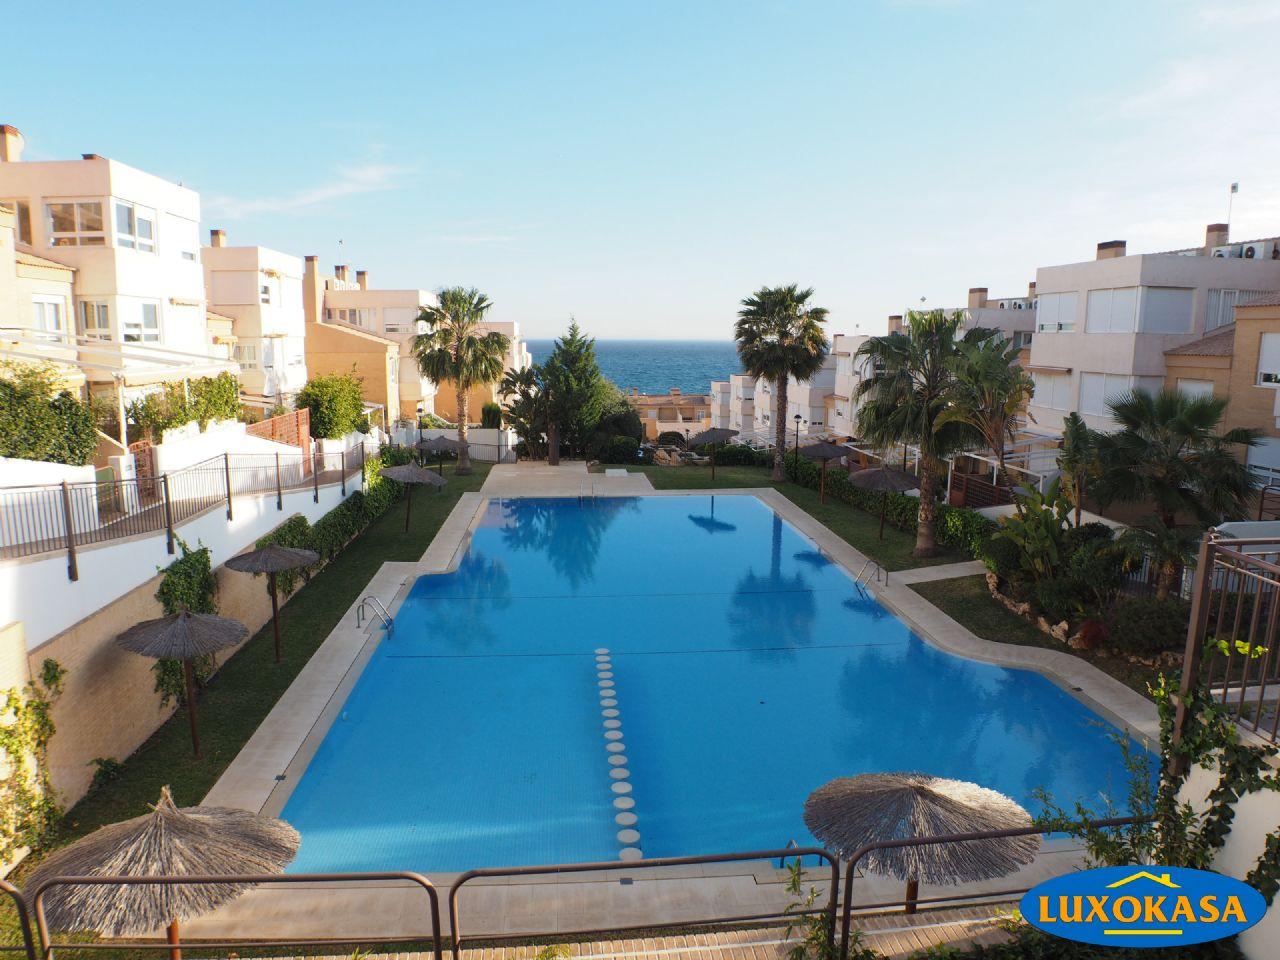 Casa adosada en Alicante, Cabo de las Huertas, venta